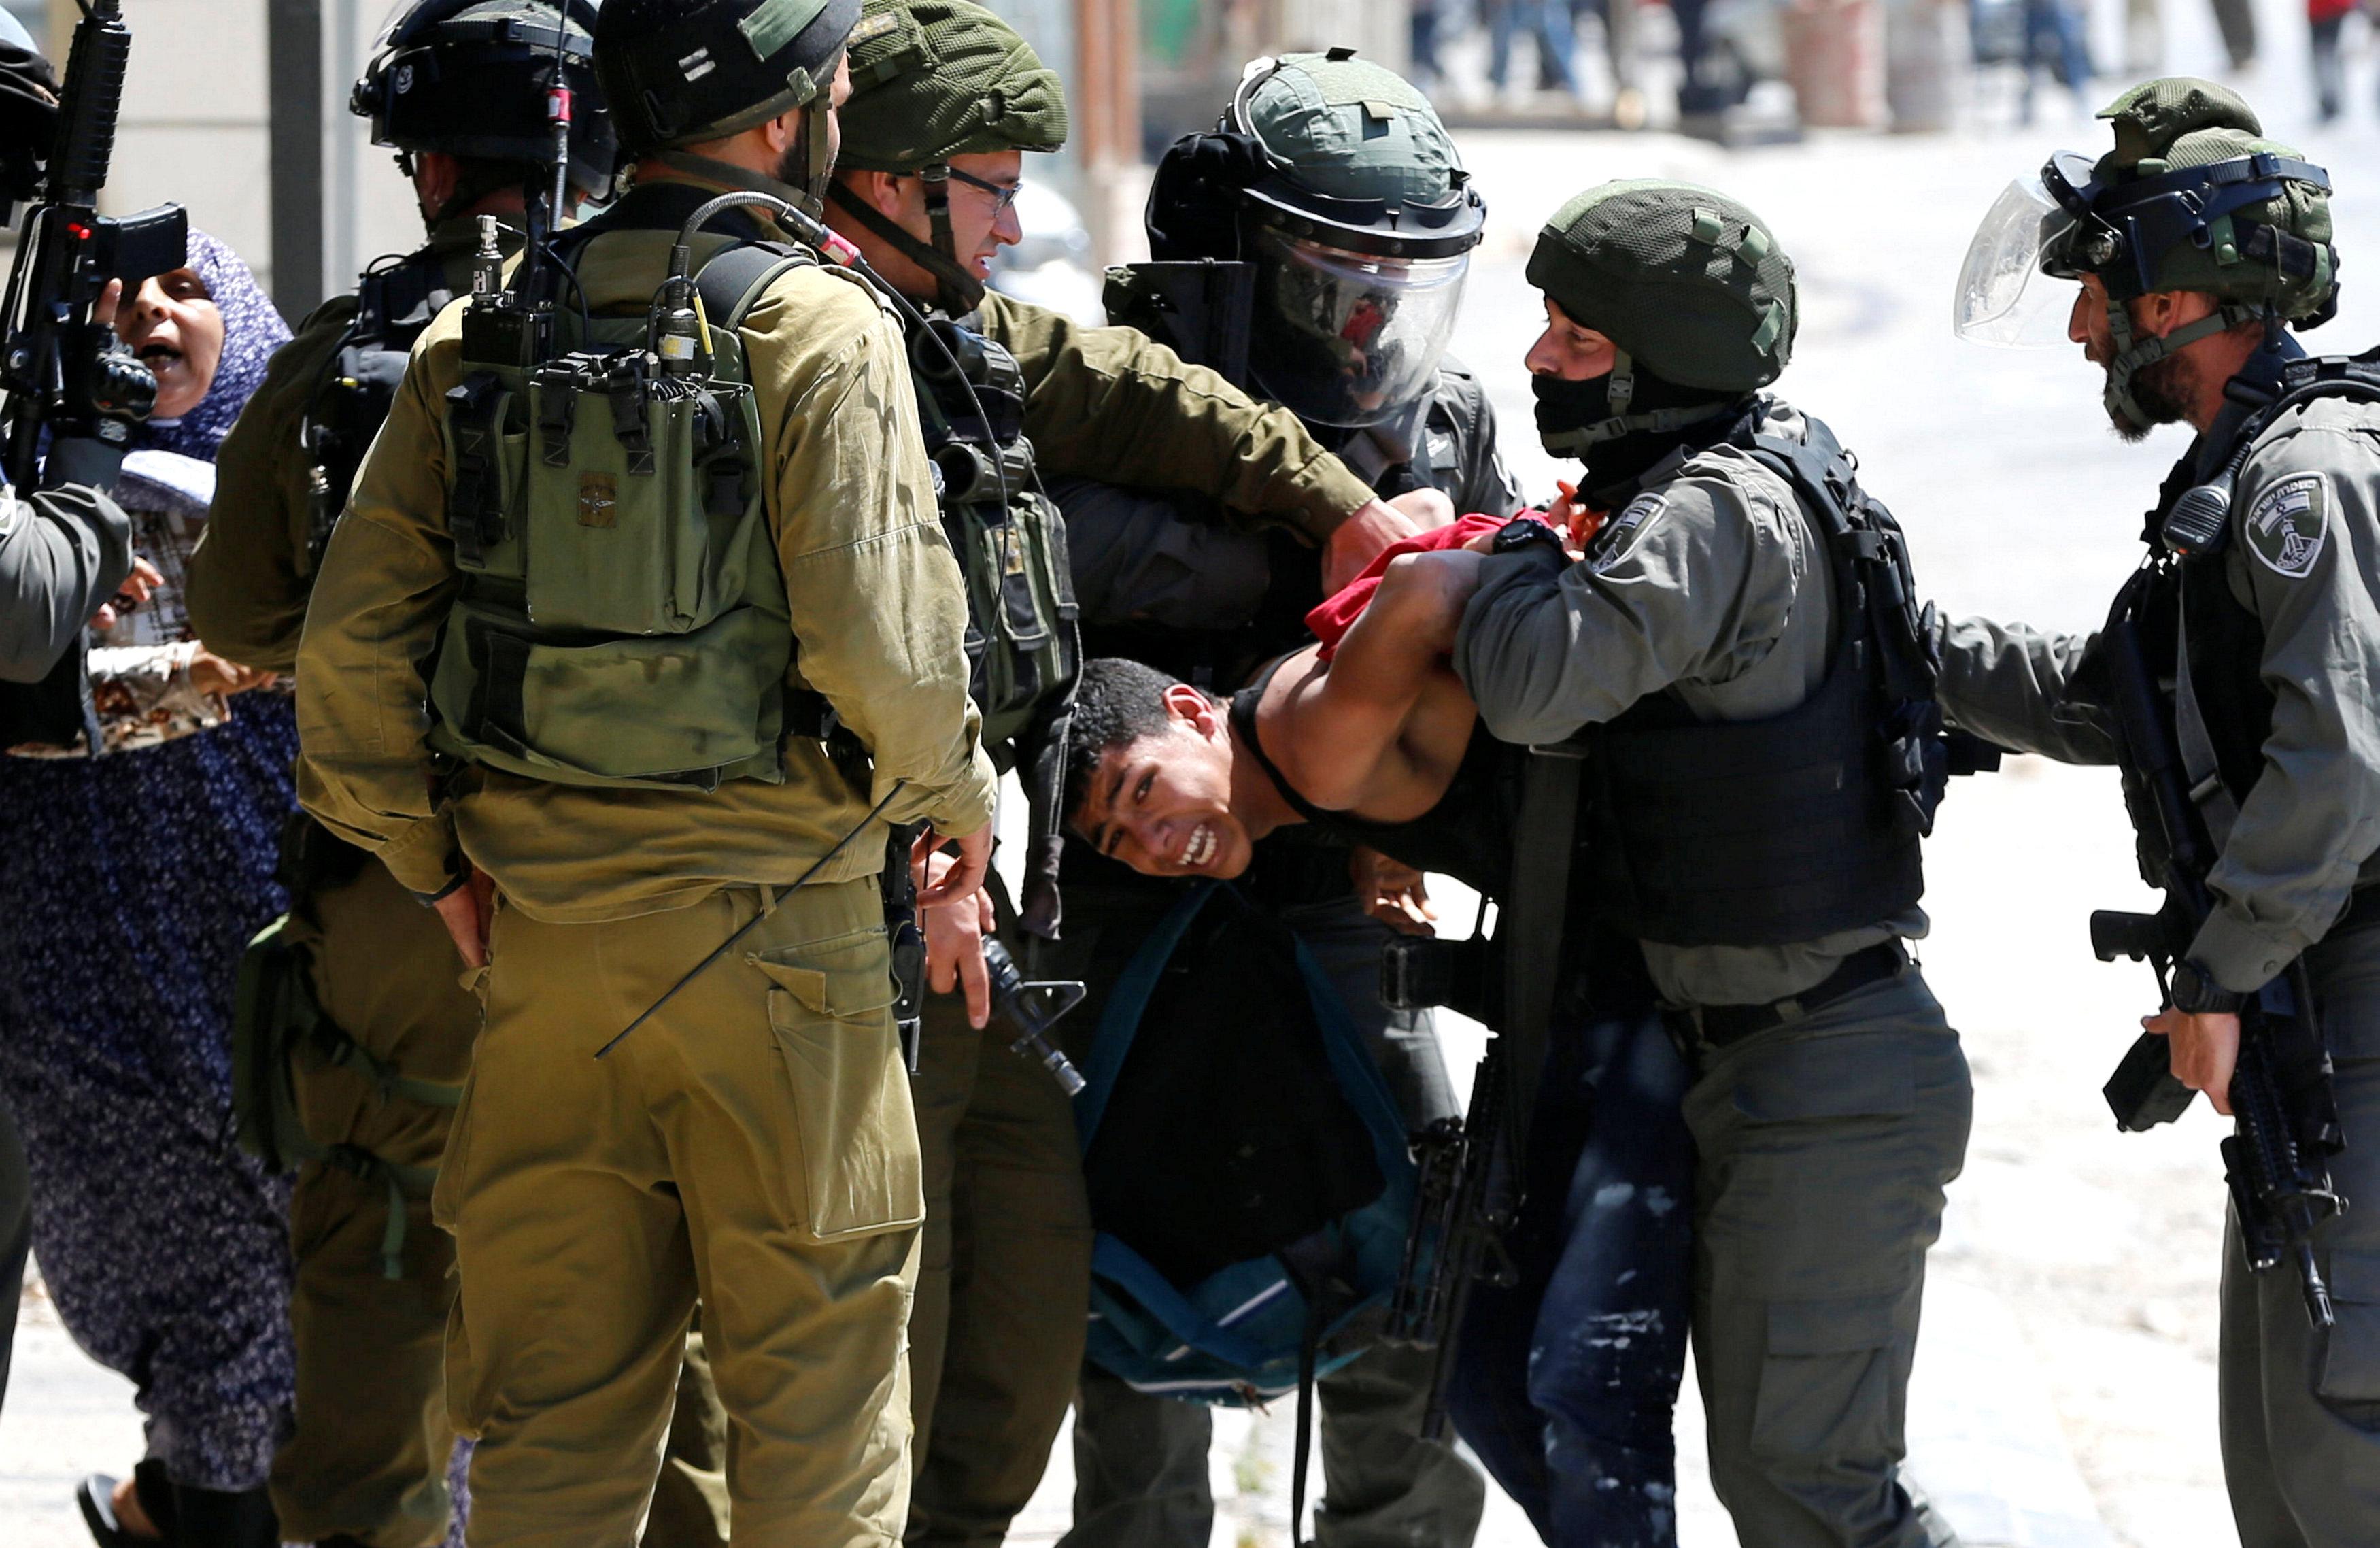 أفراد قوات الاحتلال يتجمعون حول شاب فلسطينى فور اعتقاله